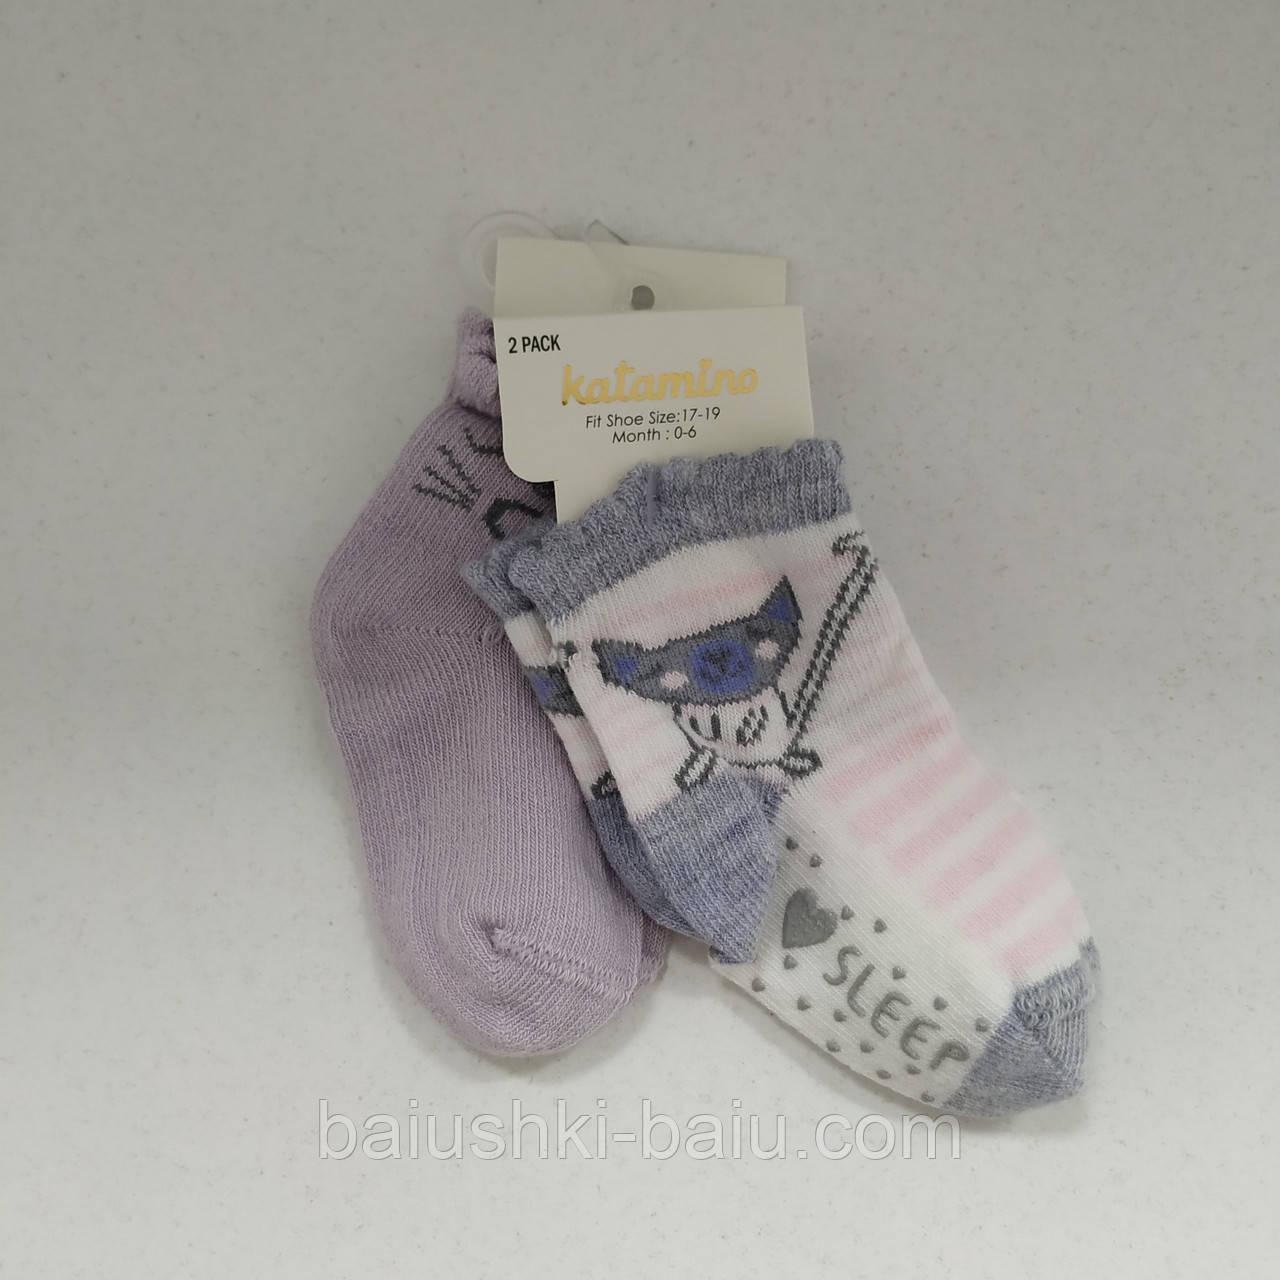 Детские носки для девочки с тормозами, 2 пары, 0-6 мес, Турция